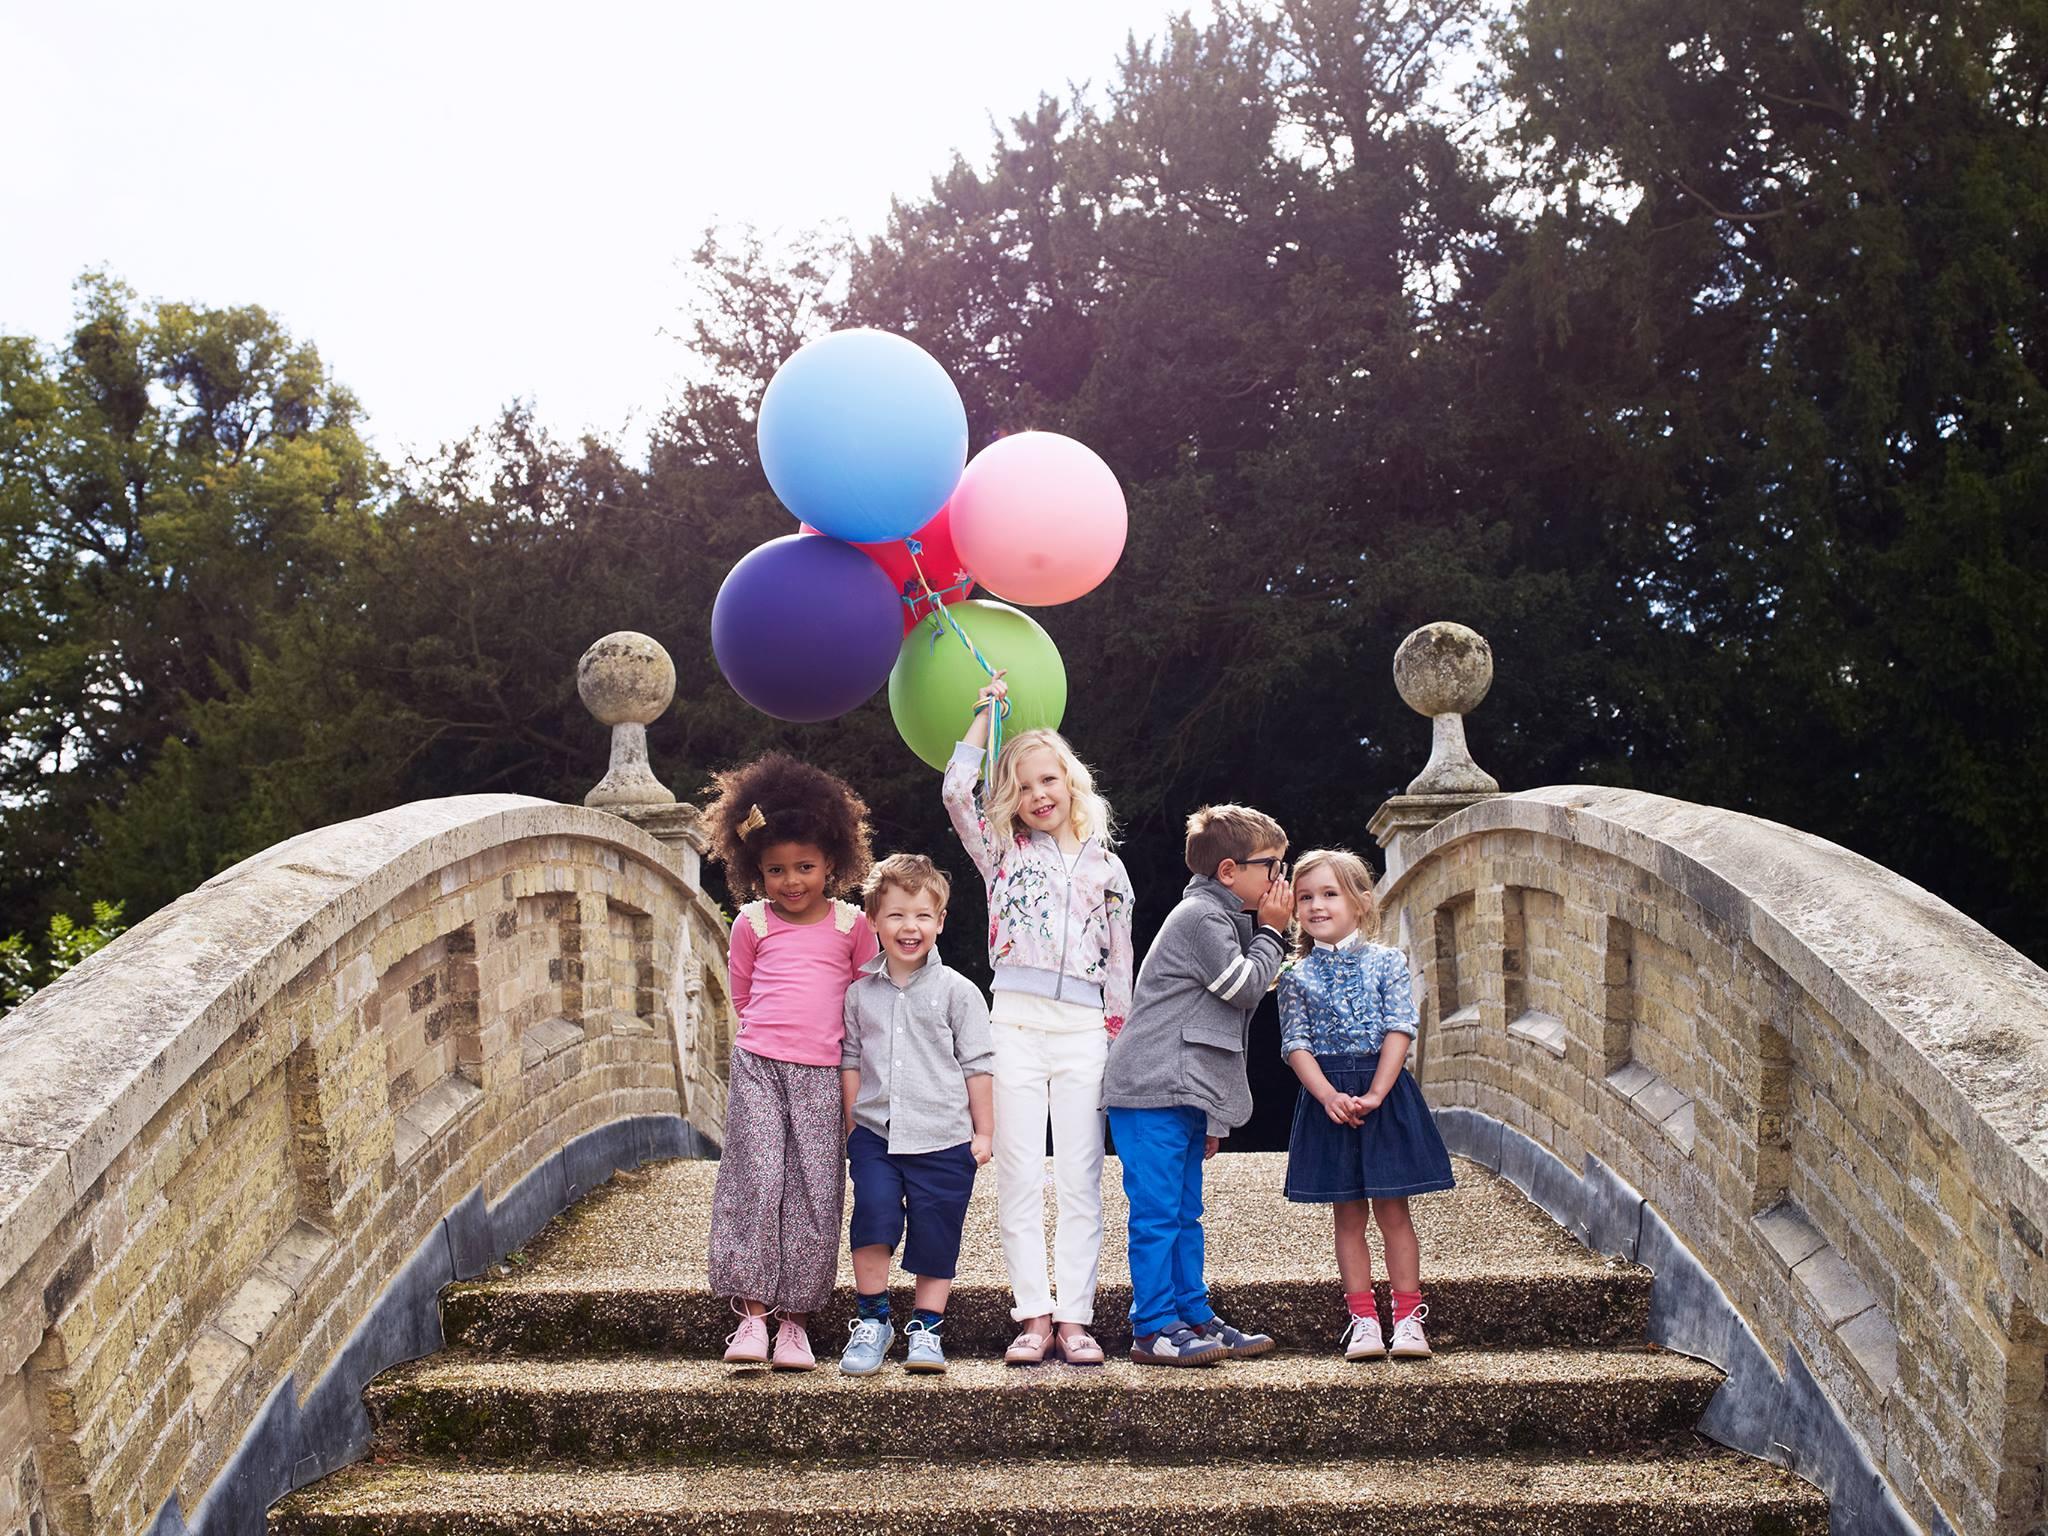 TASUTA FESTIVAL! Rõõmsate Laste Festivalil on kõigile tasuta